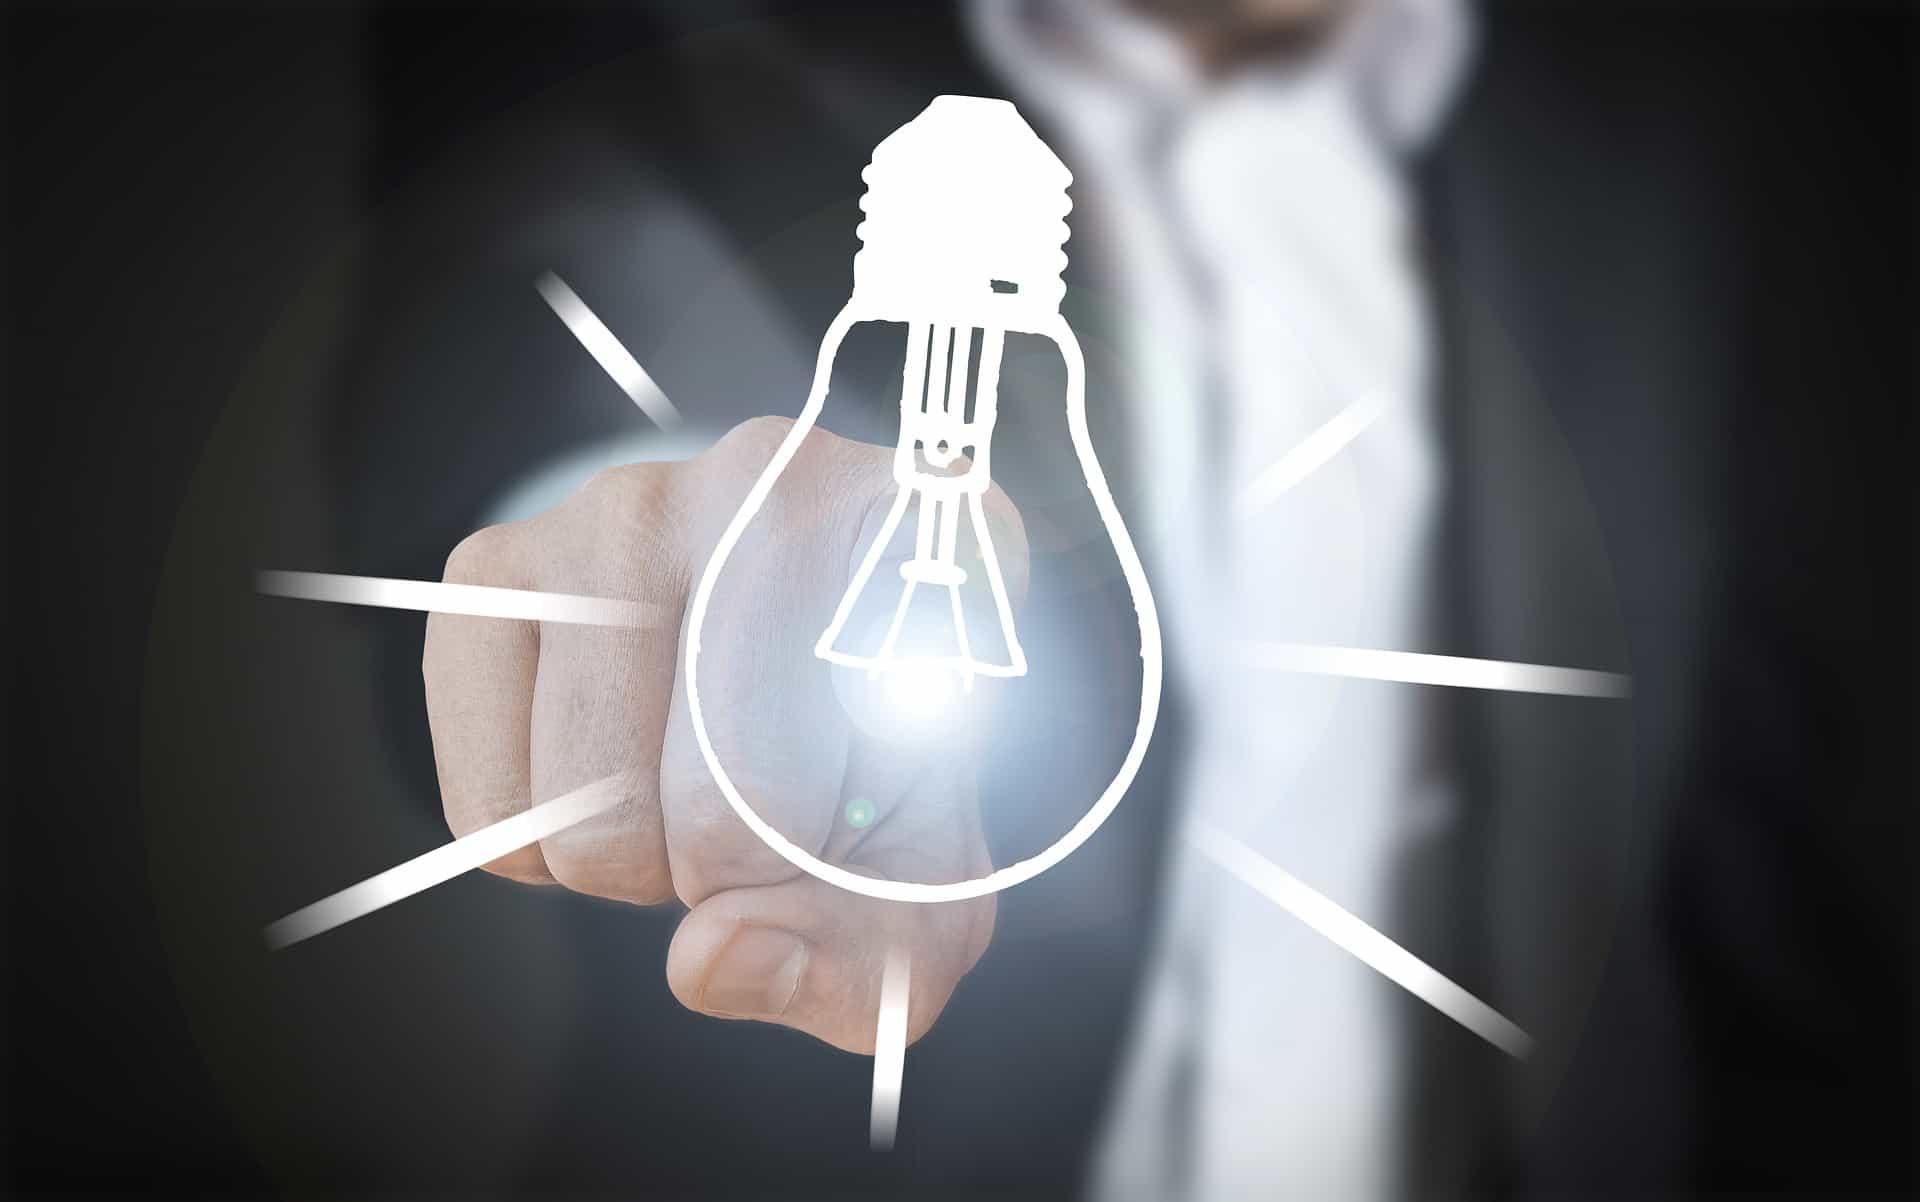 Бесплатный вебинар: Факторы делового успеха: Успешность и Метафизика Бизнеса